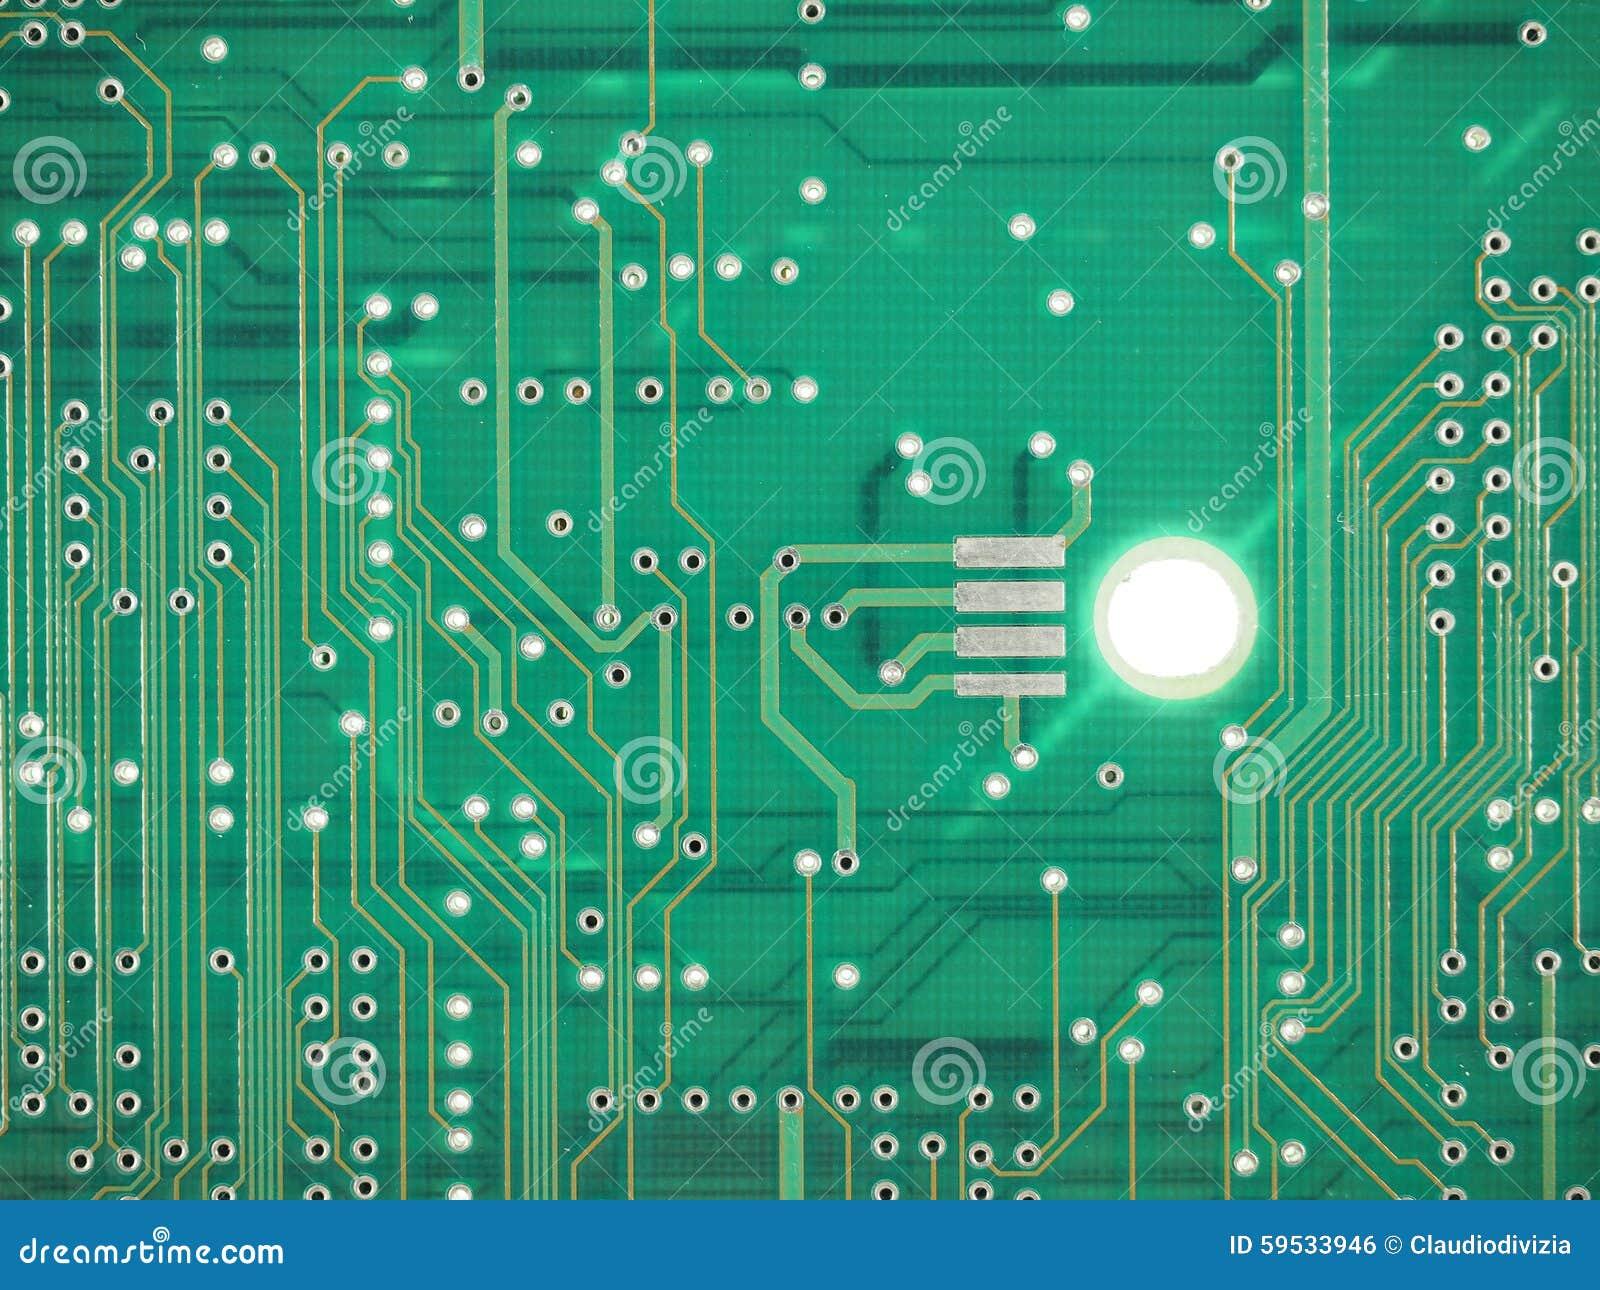 Circuito Impreso : Circuito impreso foto de archivo imagen de ensamblaje